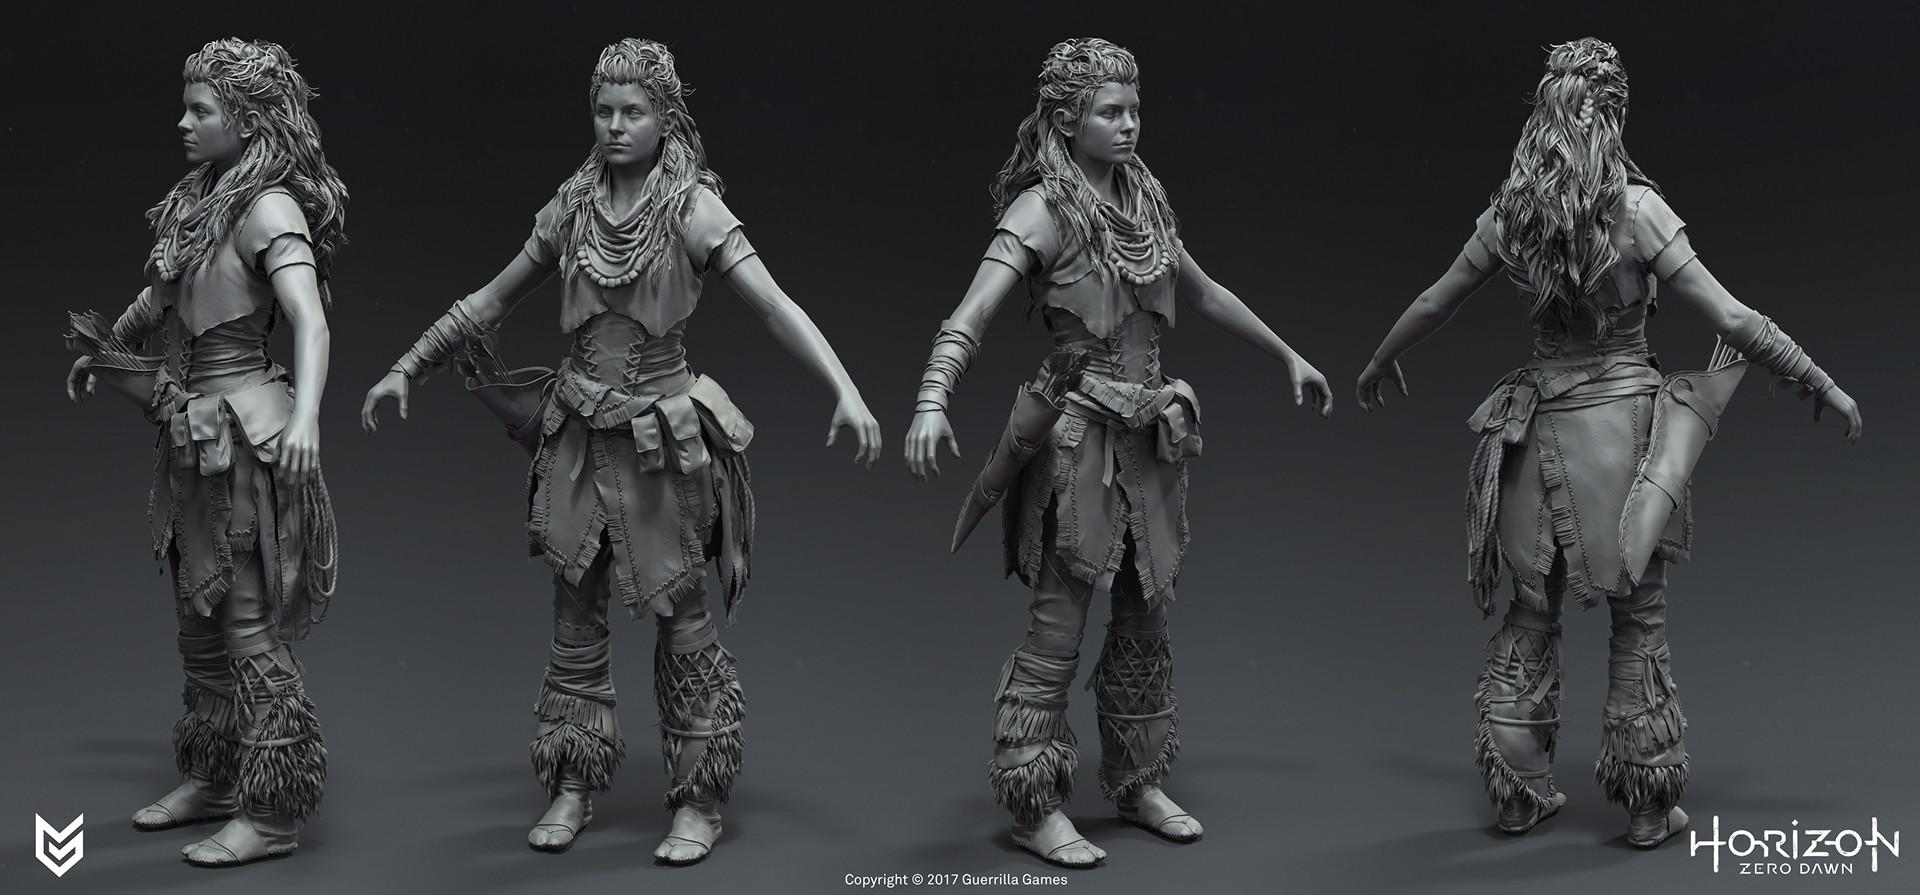 游戏《地平线:黎明时分》人物角色和机械兽概念设计